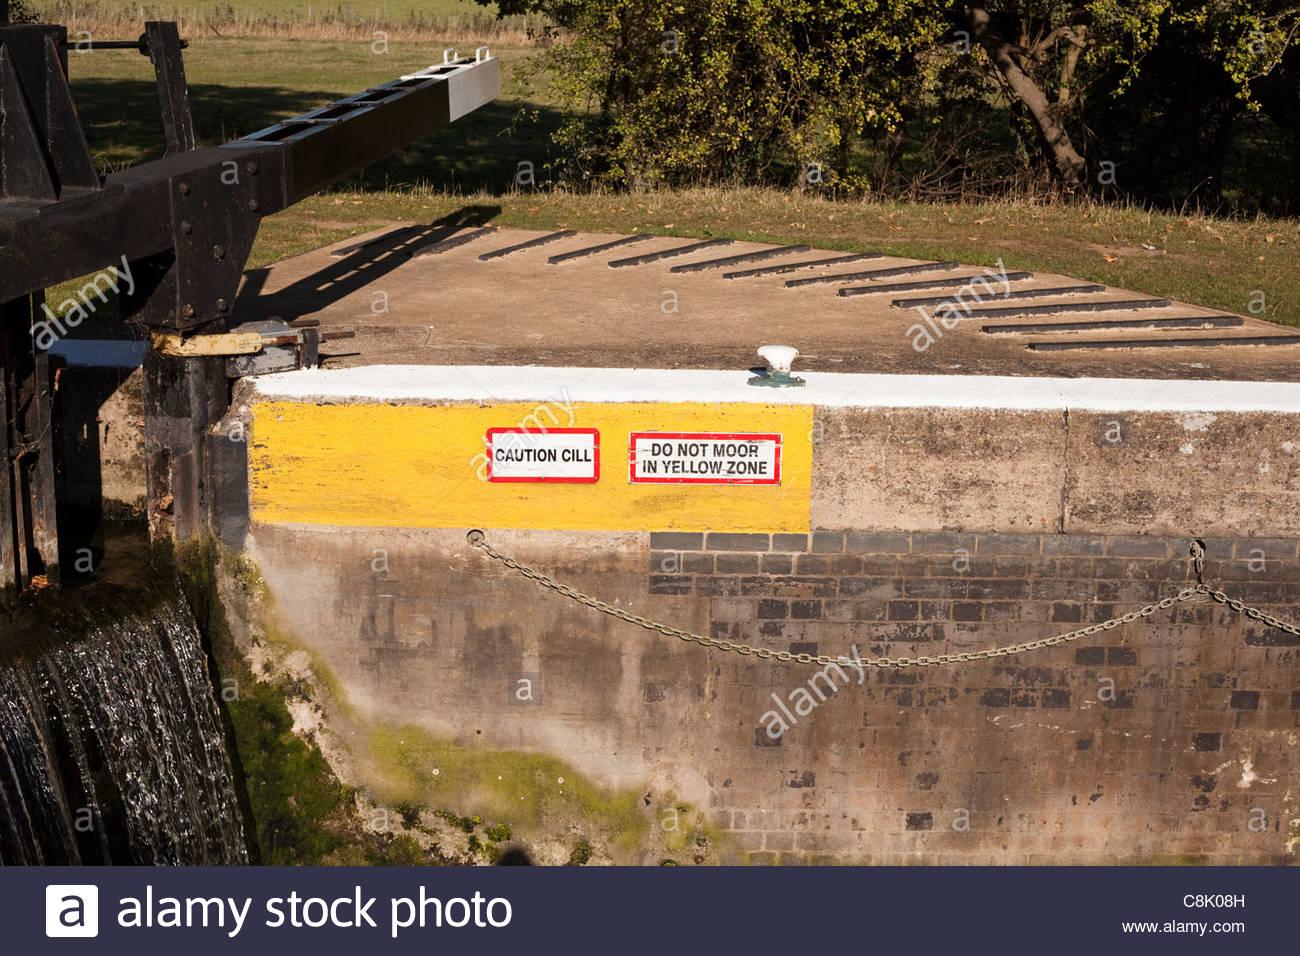 Lock gates - warning signs - Stock Image